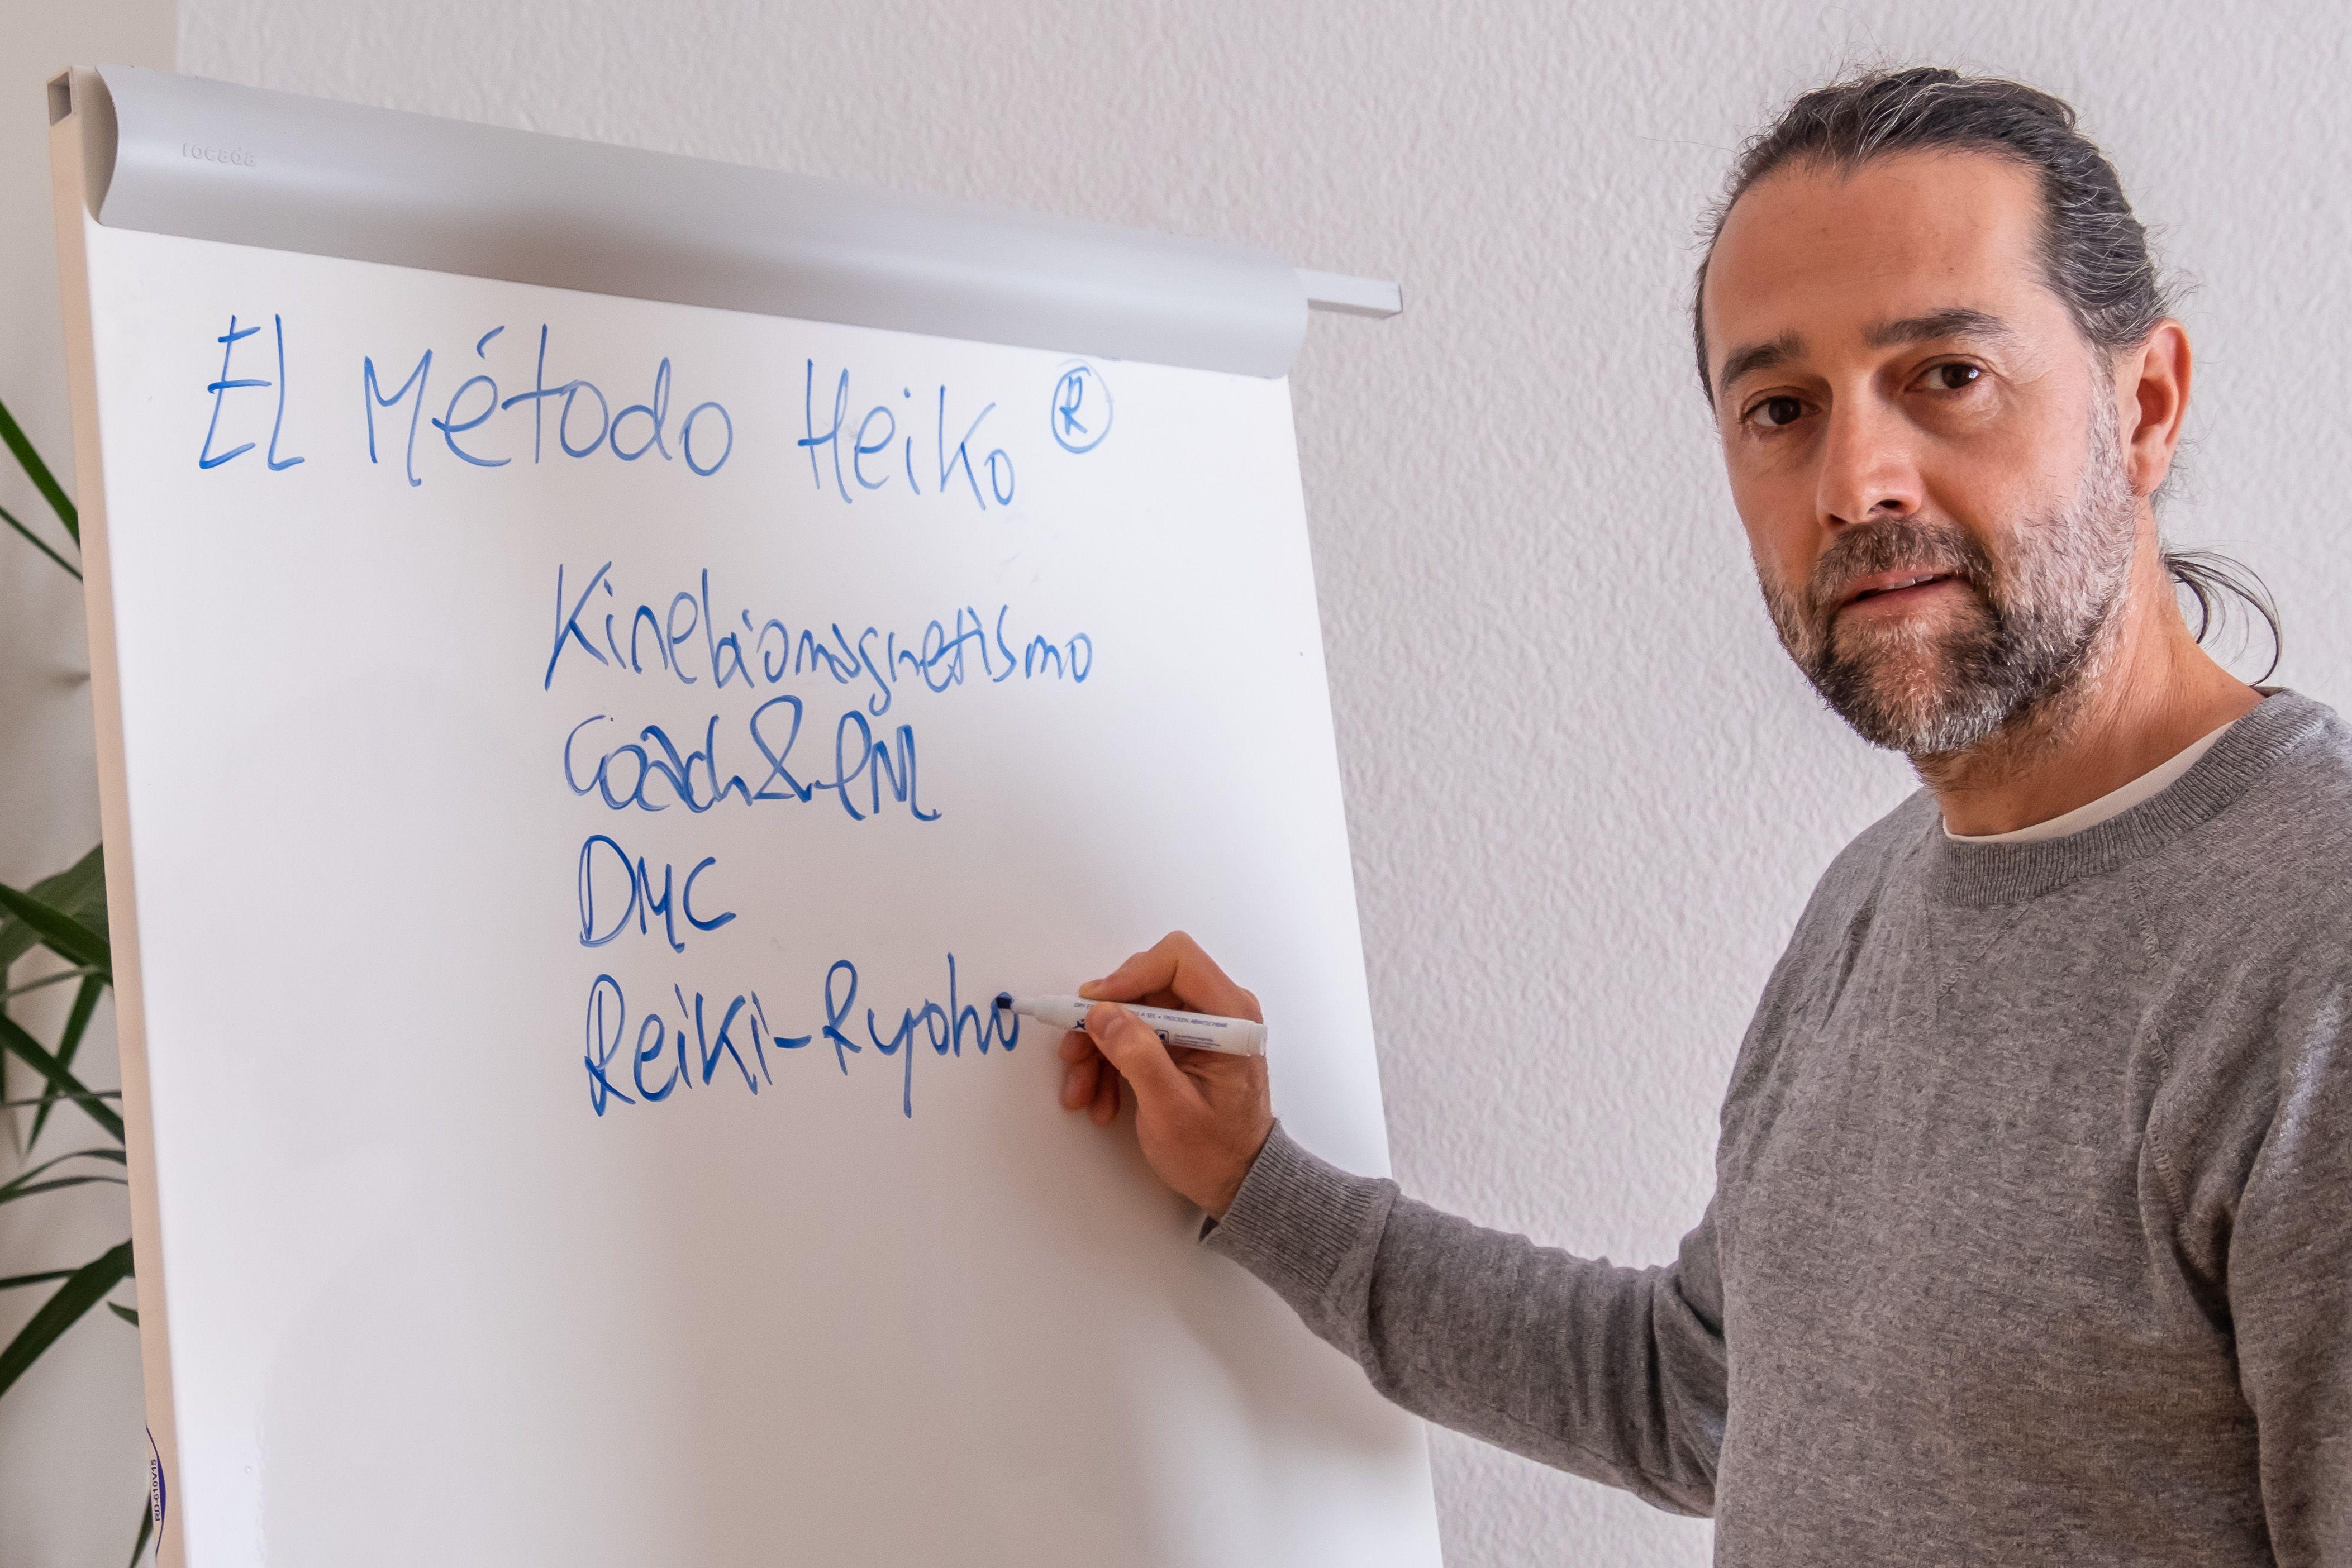 Con el Método HEIKŌ encuentras el equilibrio físico, mental y emocional